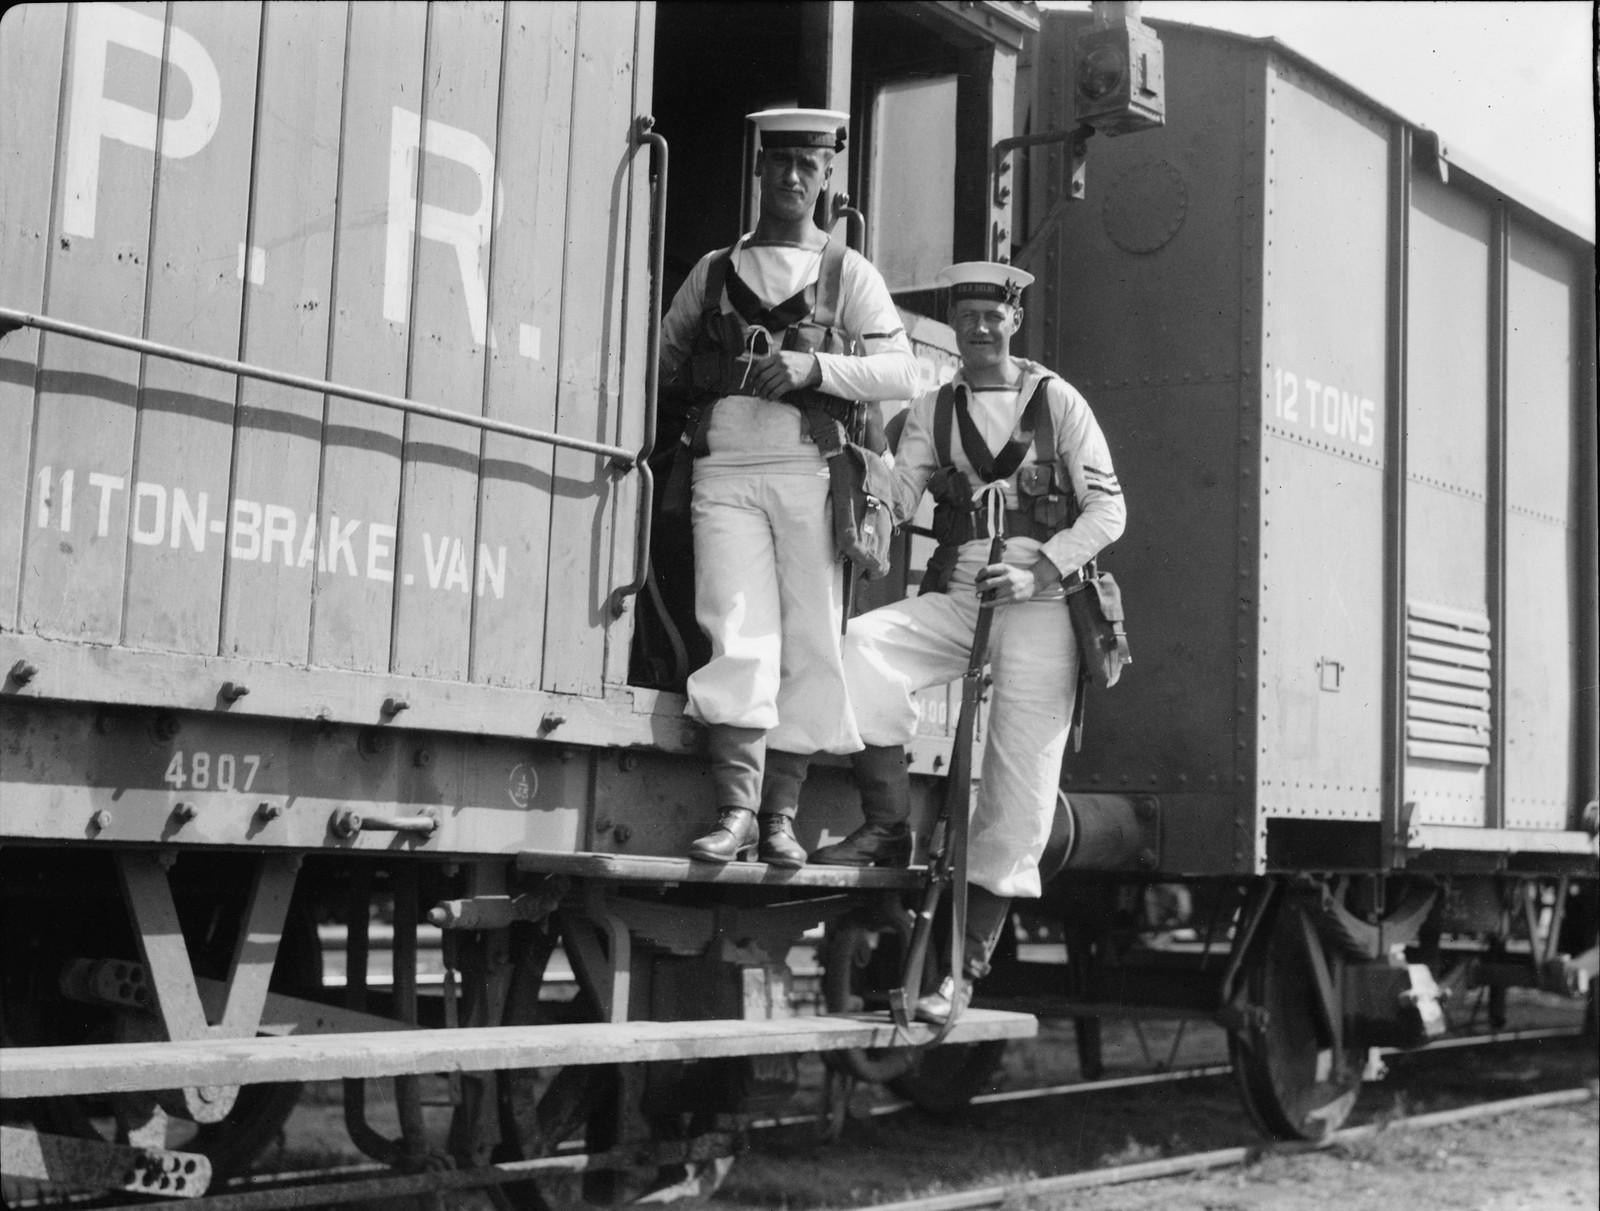 Британские морские пехотинцы на палестинских железных дорогах